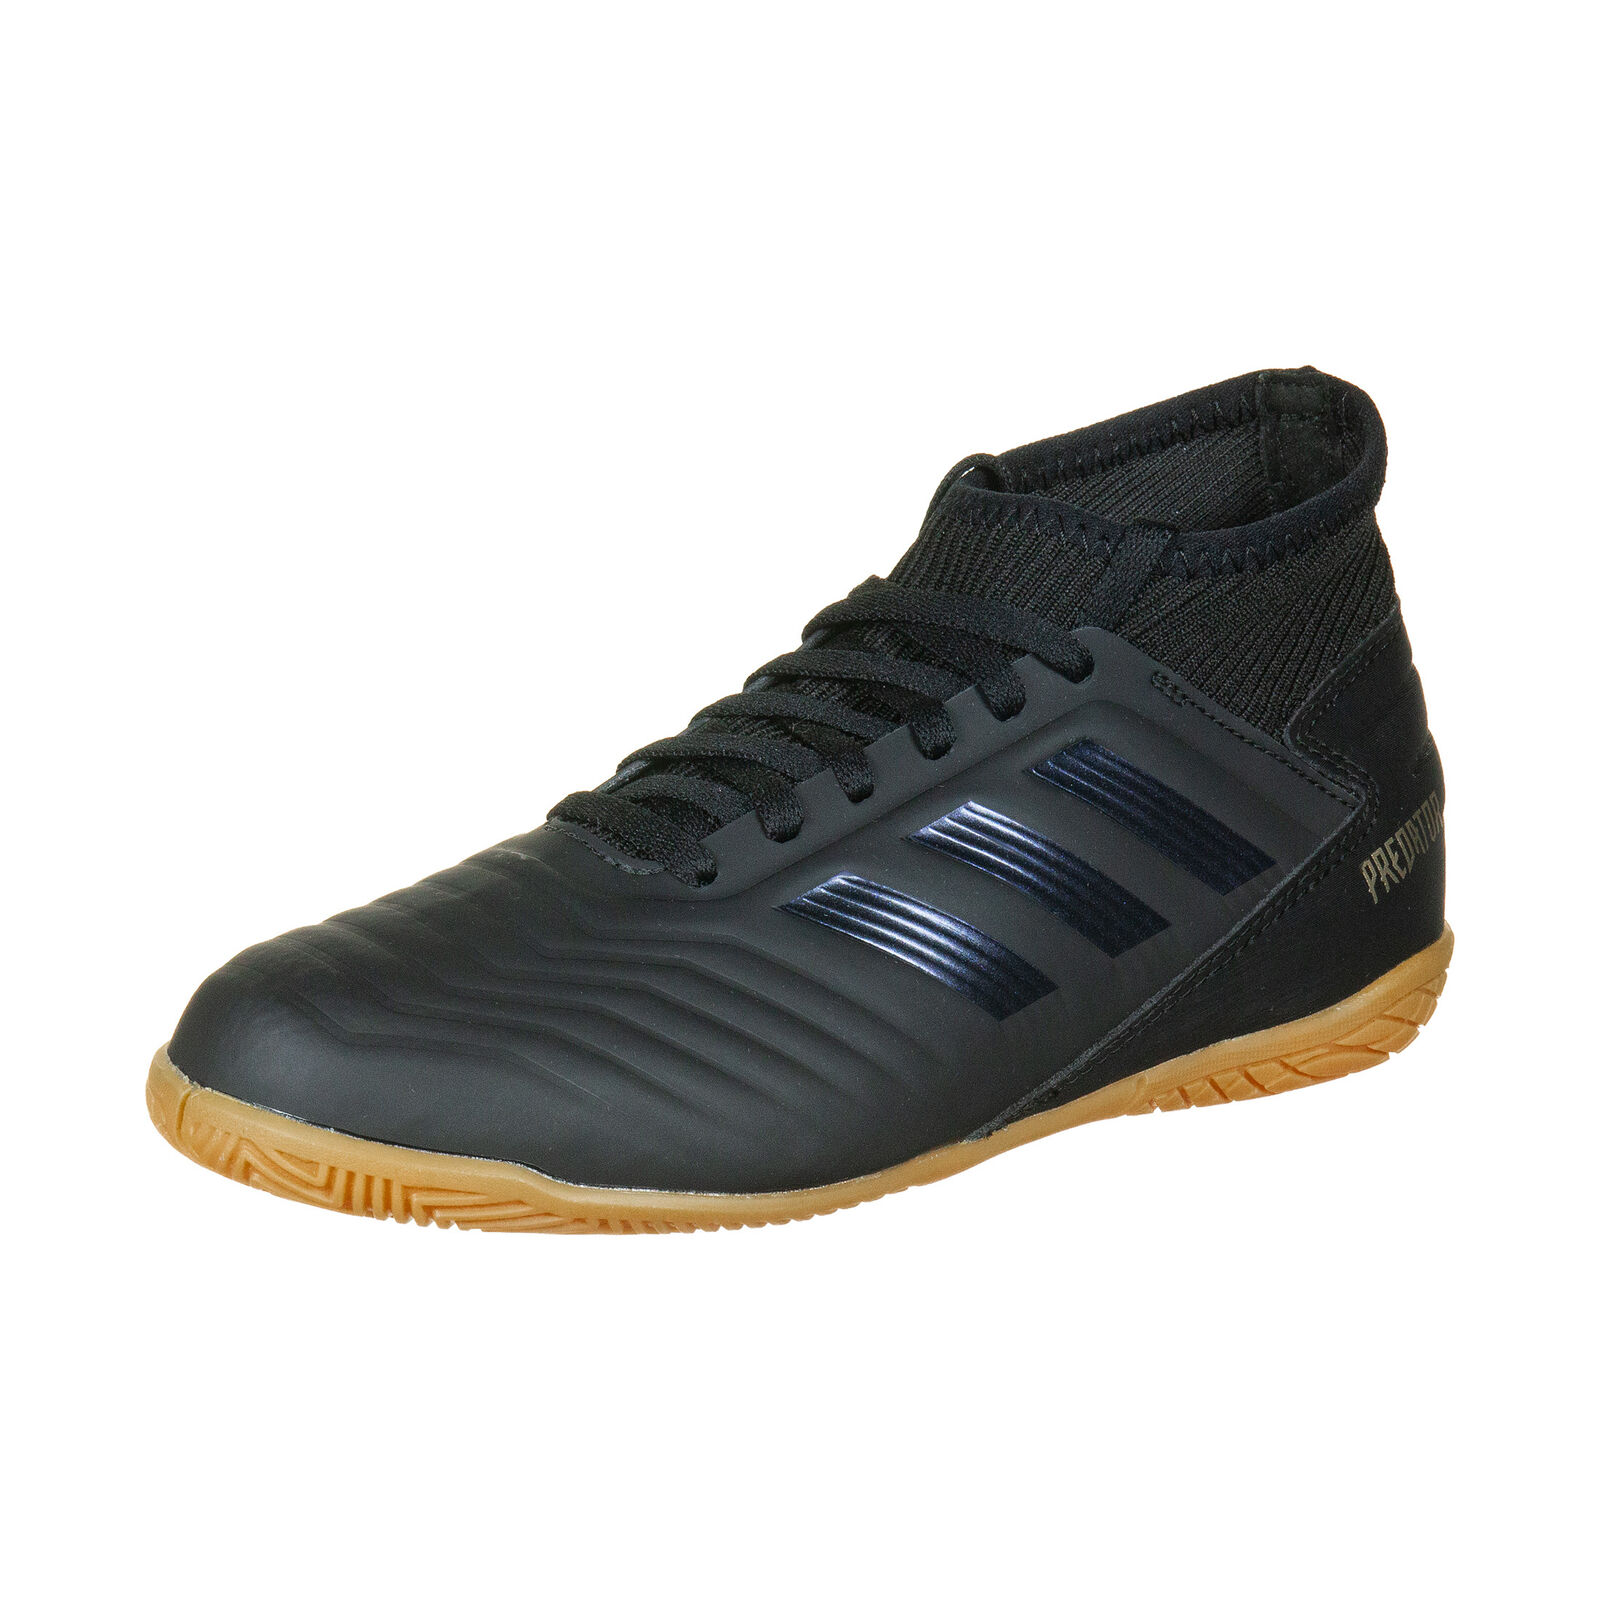 Adidas Performance Protator 19.3 Indoor Fußballschuh Kinder NEU